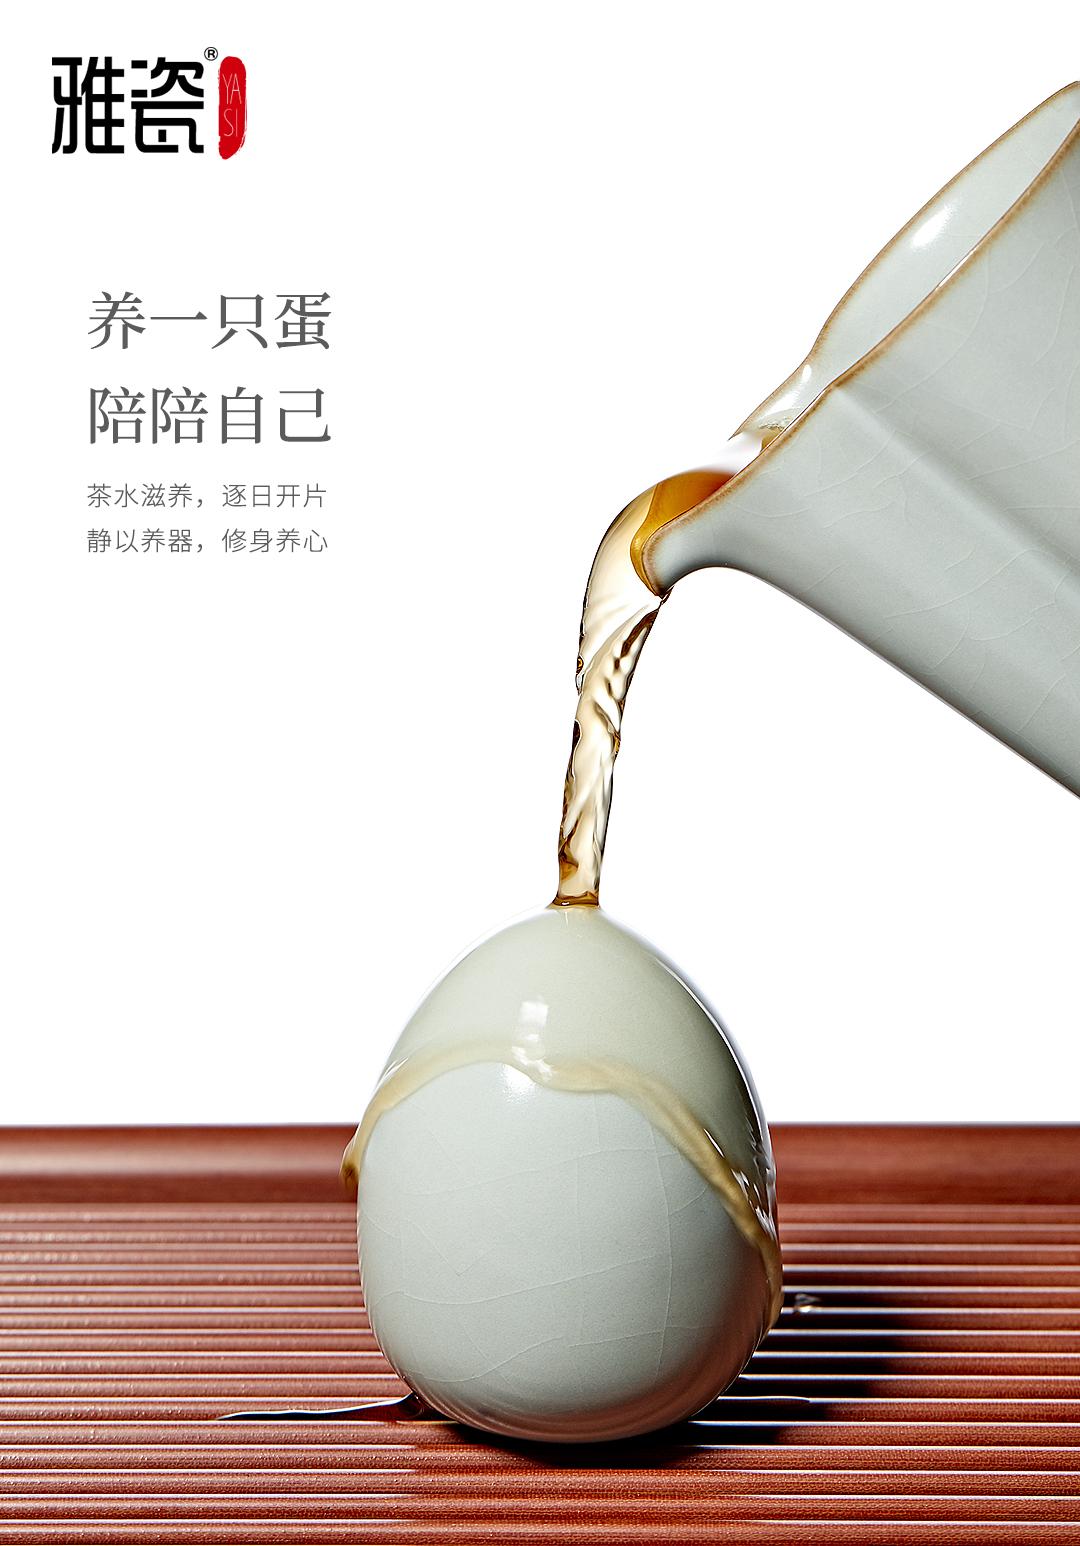 雅瓷汝窑茶宠摆件茶玩茶具摆件中式精品创意开片可养茶叶蛋汝窑茶叶蛋